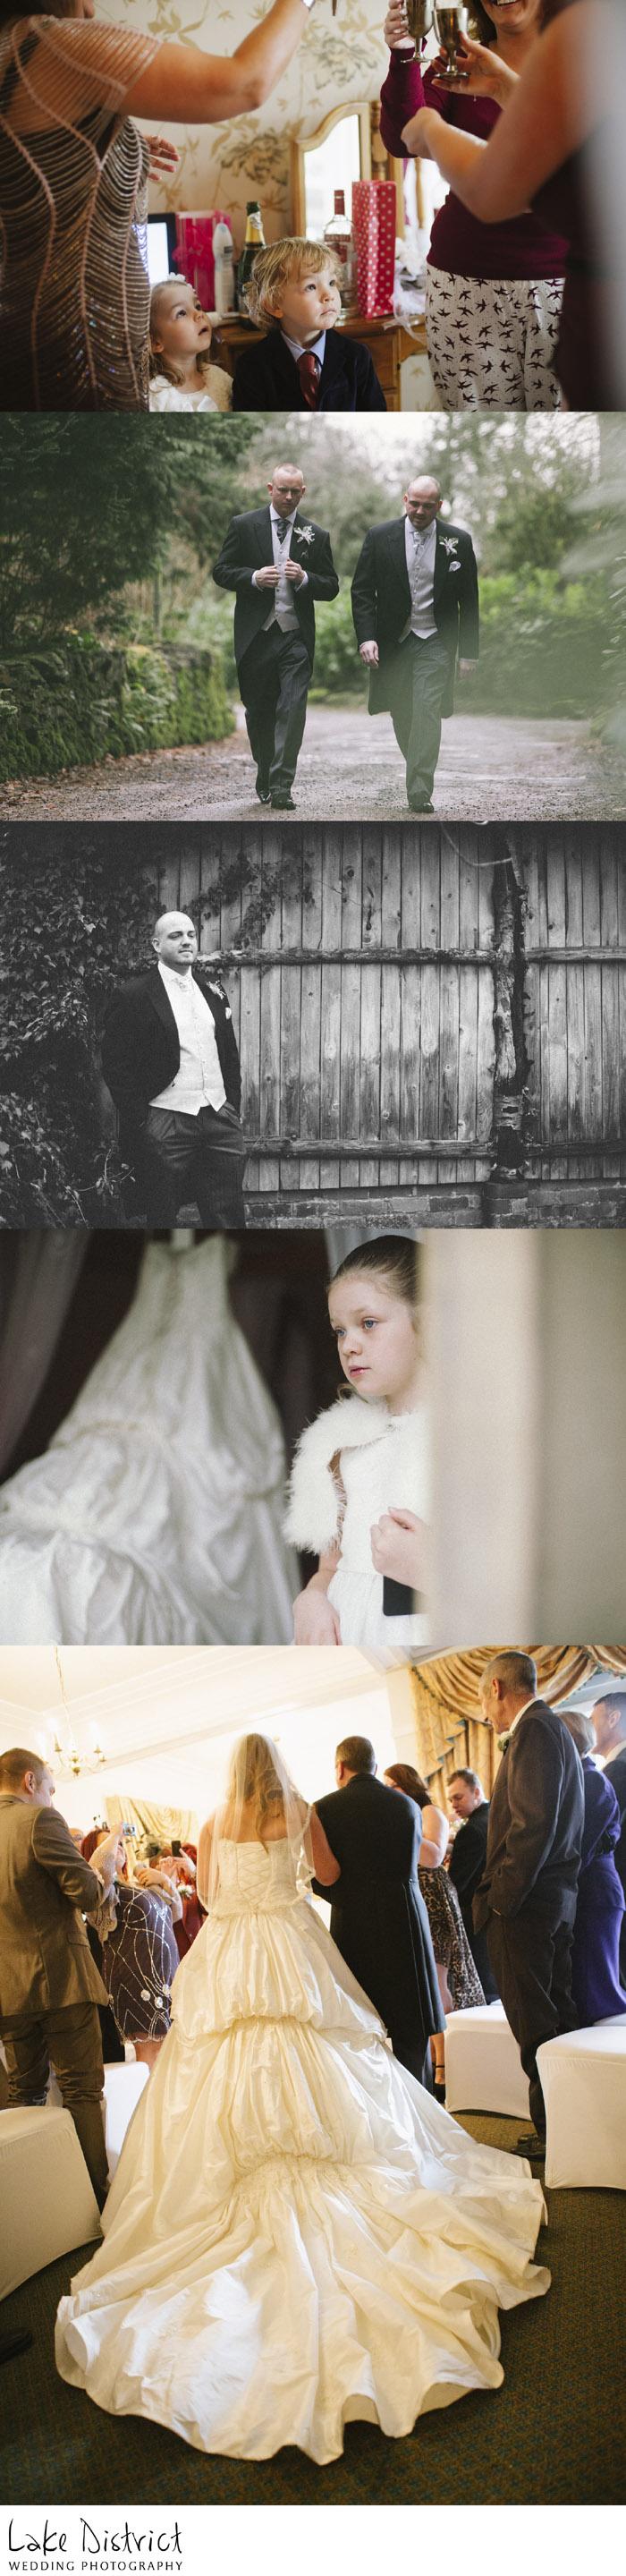 netherwood hotel weddings